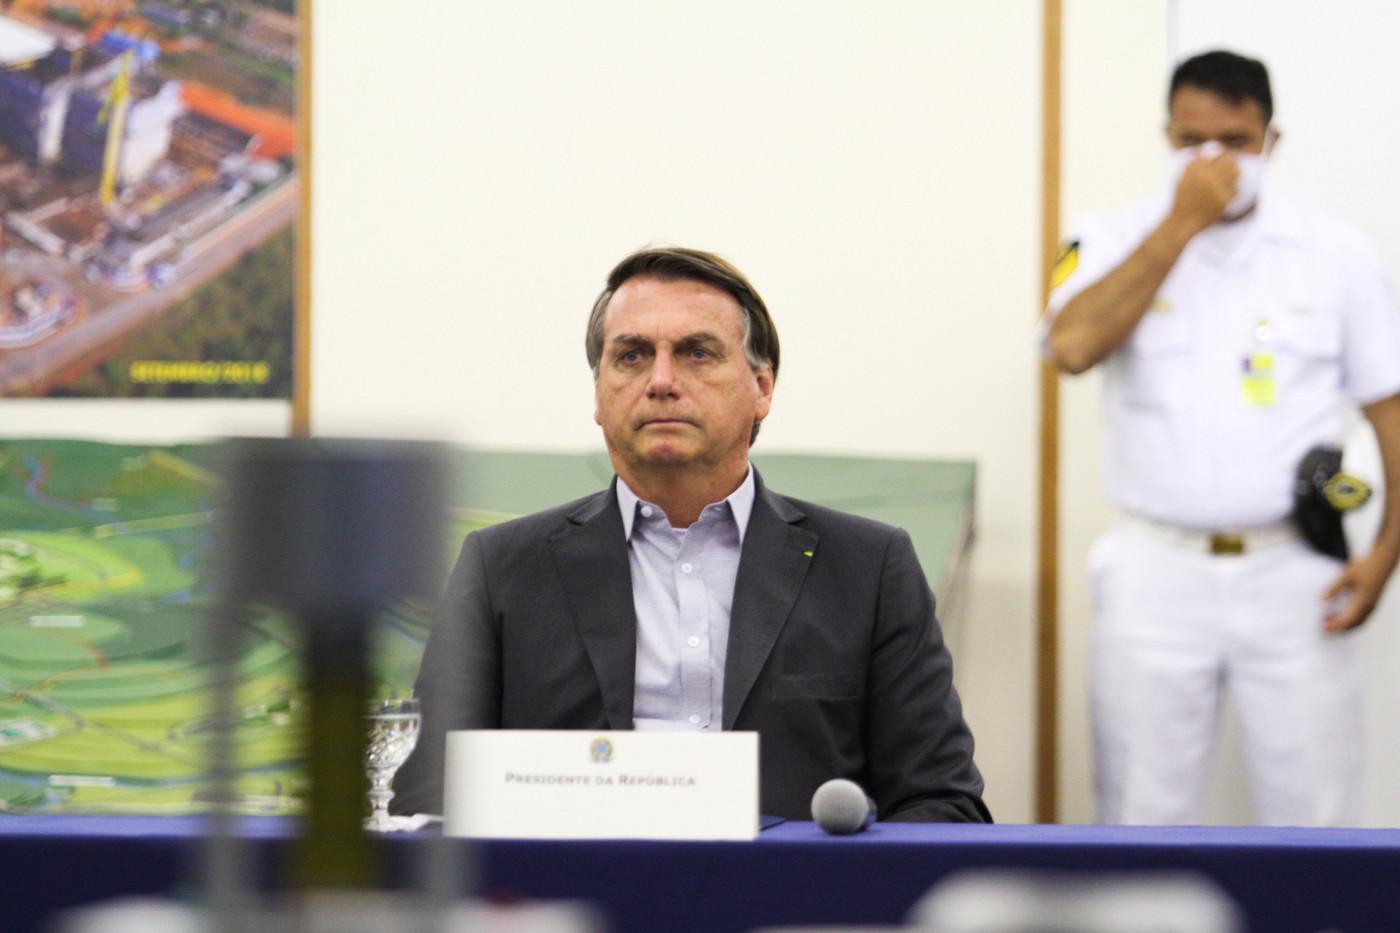 O presidente Jair Bolsonaro durante visita à unidade da Marinha em Iperó (SP)